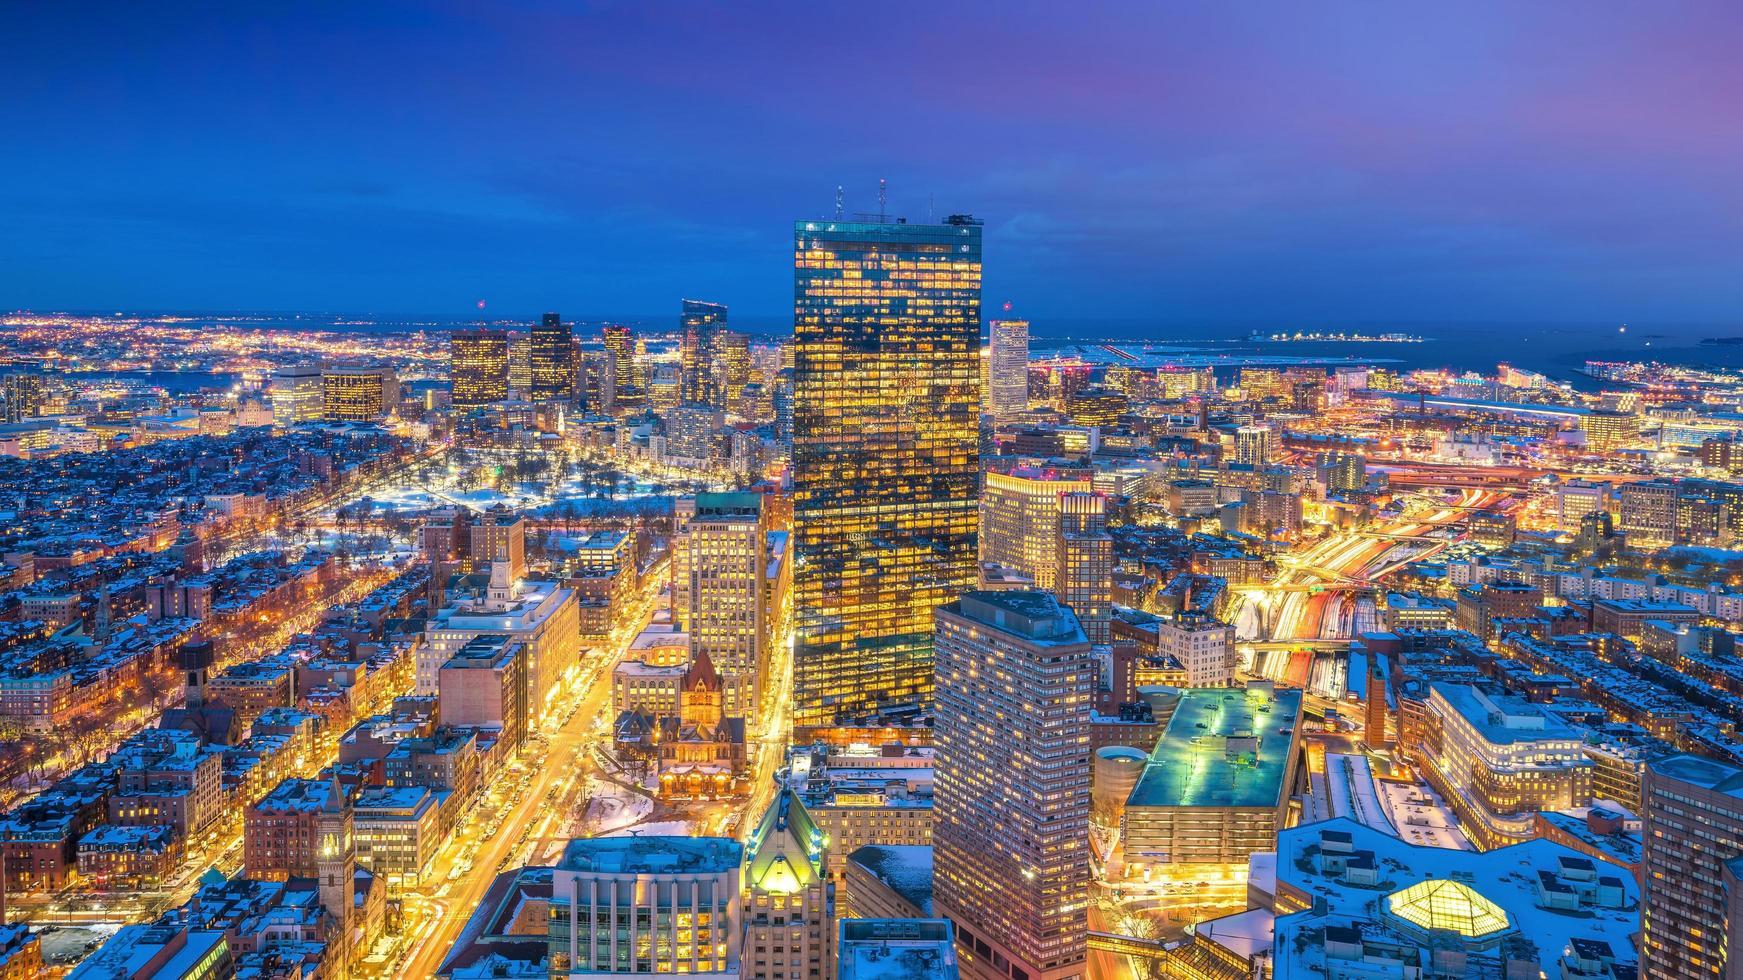 Luftaufnahme von Boston in Massachusetts, USA bei Nacht foto